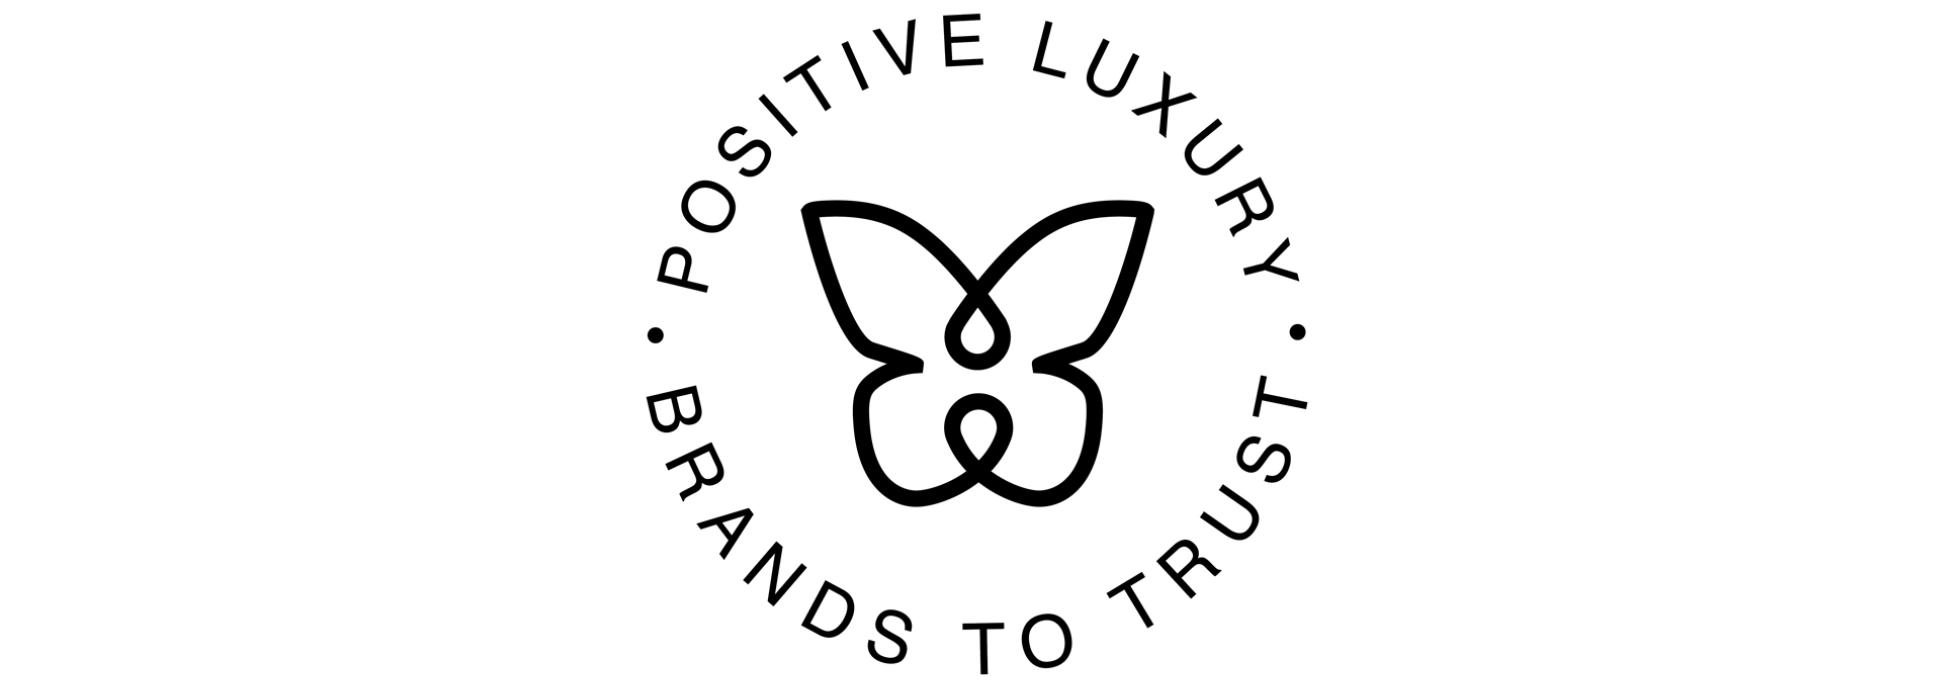 Positive Luxury Butterfly Mark